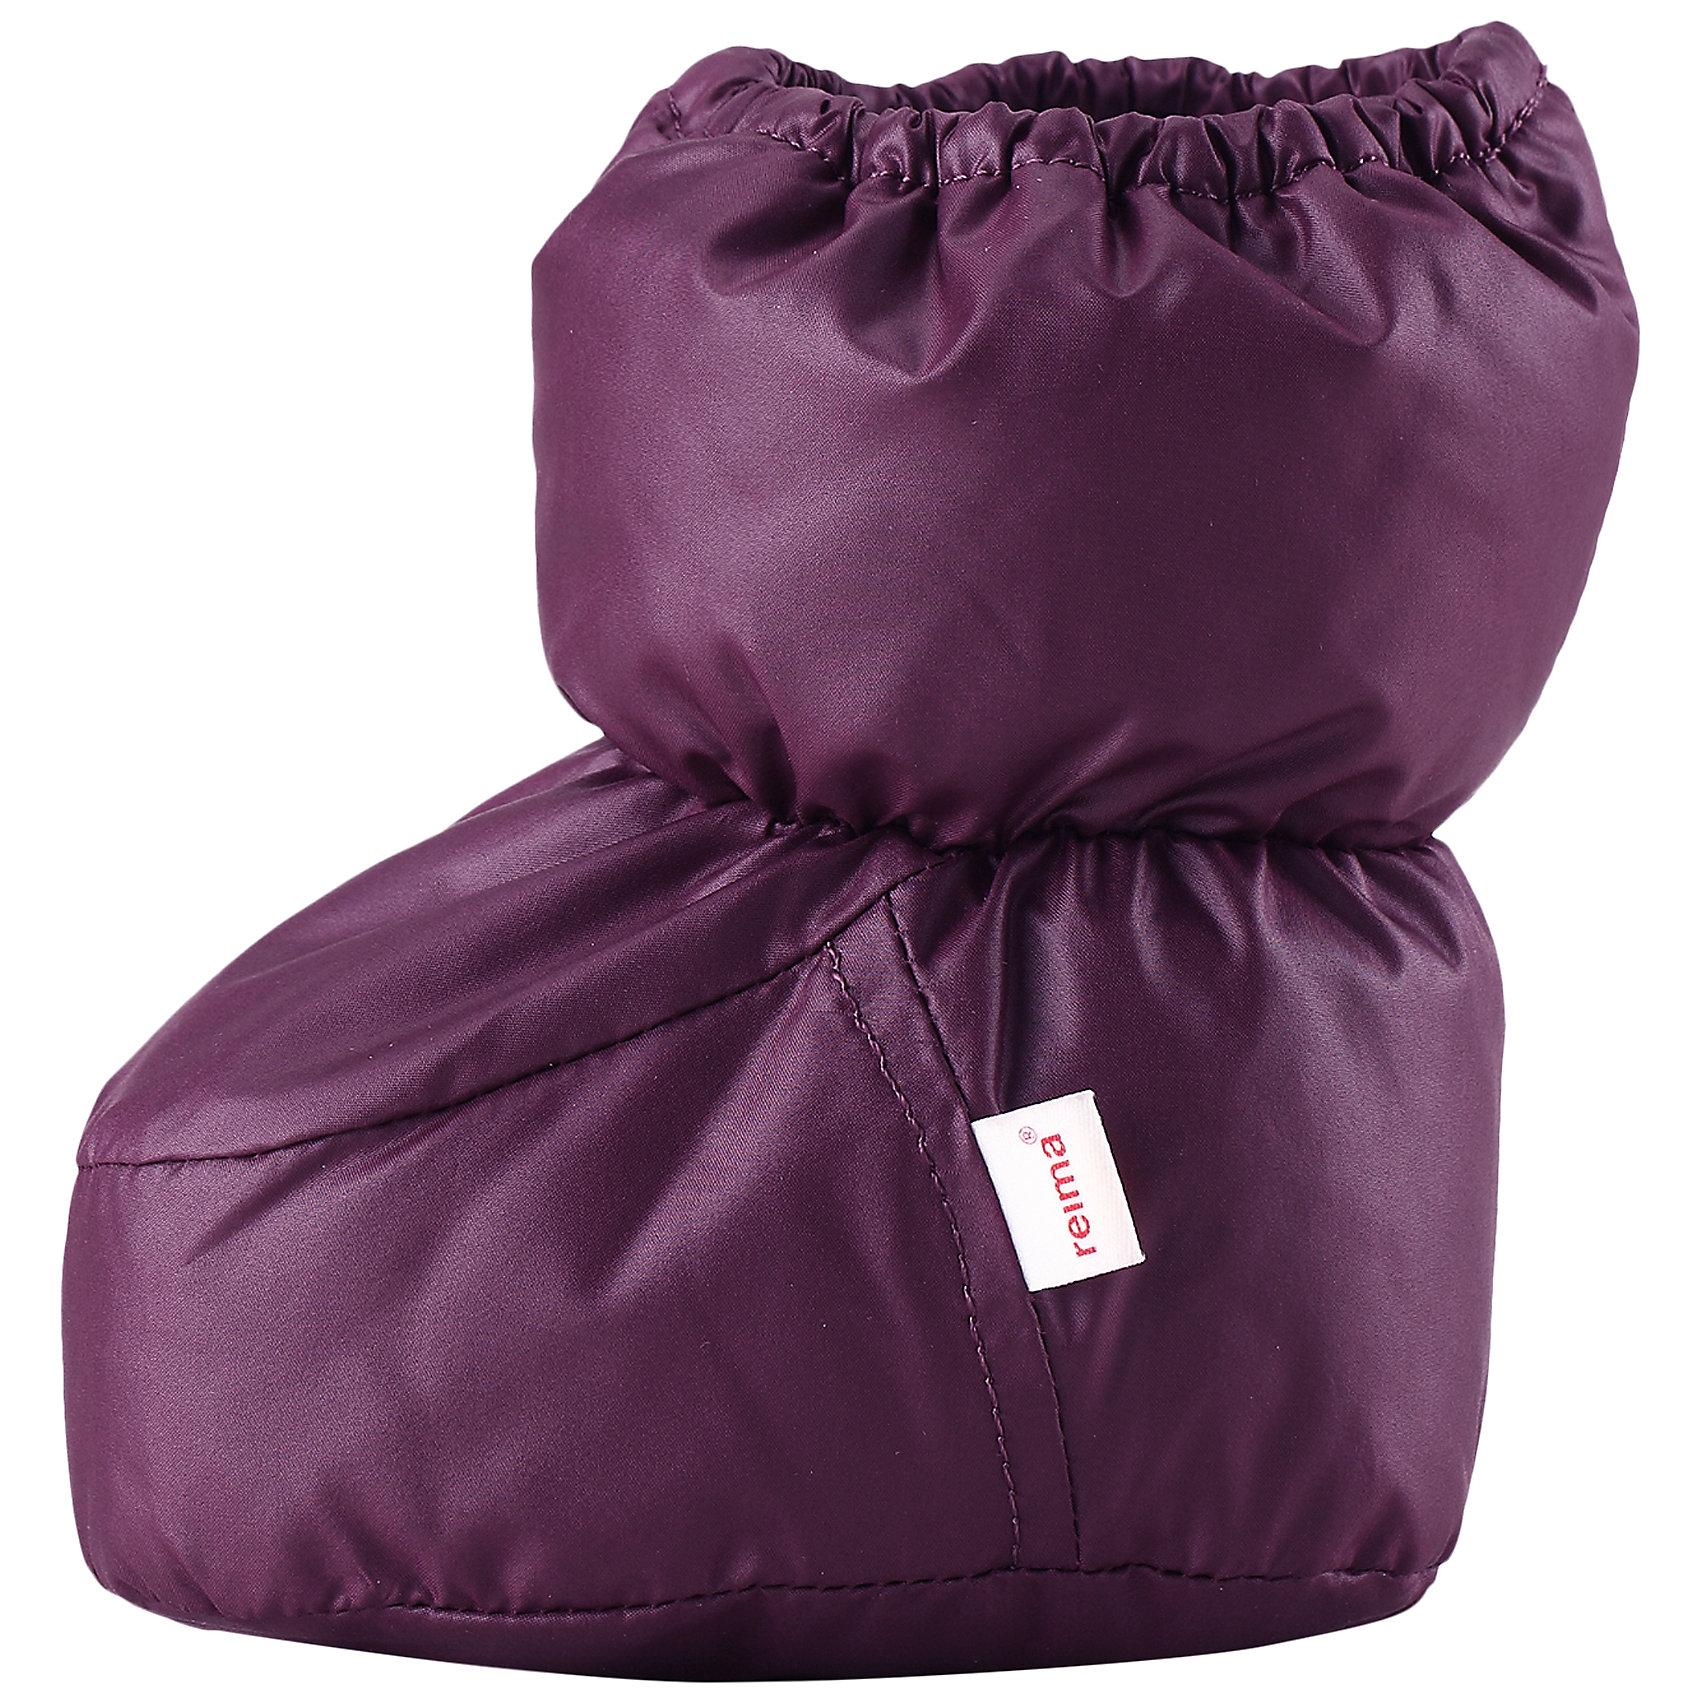 Пинетки Uskallus для девочки ReimaПинетки<br>Пинетки  Reima<br>Пинетки для самых маленьких. Водоотталкивающий, ветронепроницаемый и «дышащий» материал. Мягкая подкладка из хлопка и эластана. Легкая степень утепления. Логотип Reima® сбоку.<br>Утеплитель: Reima® Comfortinsulation,80 g<br>Уход:<br>Стирать с бельем одинакового цвета, вывернув наизнанку. Стирать моющим средством, не содержащим отбеливающие вещества. Полоскать без специального средства. Сушить при низкой температуре. <br>Состав:<br>100% Полиэстер<br><br>Ширина мм: 162<br>Глубина мм: 171<br>Высота мм: 55<br>Вес г: 119<br>Цвет: лиловый<br>Возраст от месяцев: 0<br>Возраст до месяцев: 12<br>Пол: Женский<br>Возраст: Детский<br>Размер: 0,1<br>SKU: 4775646